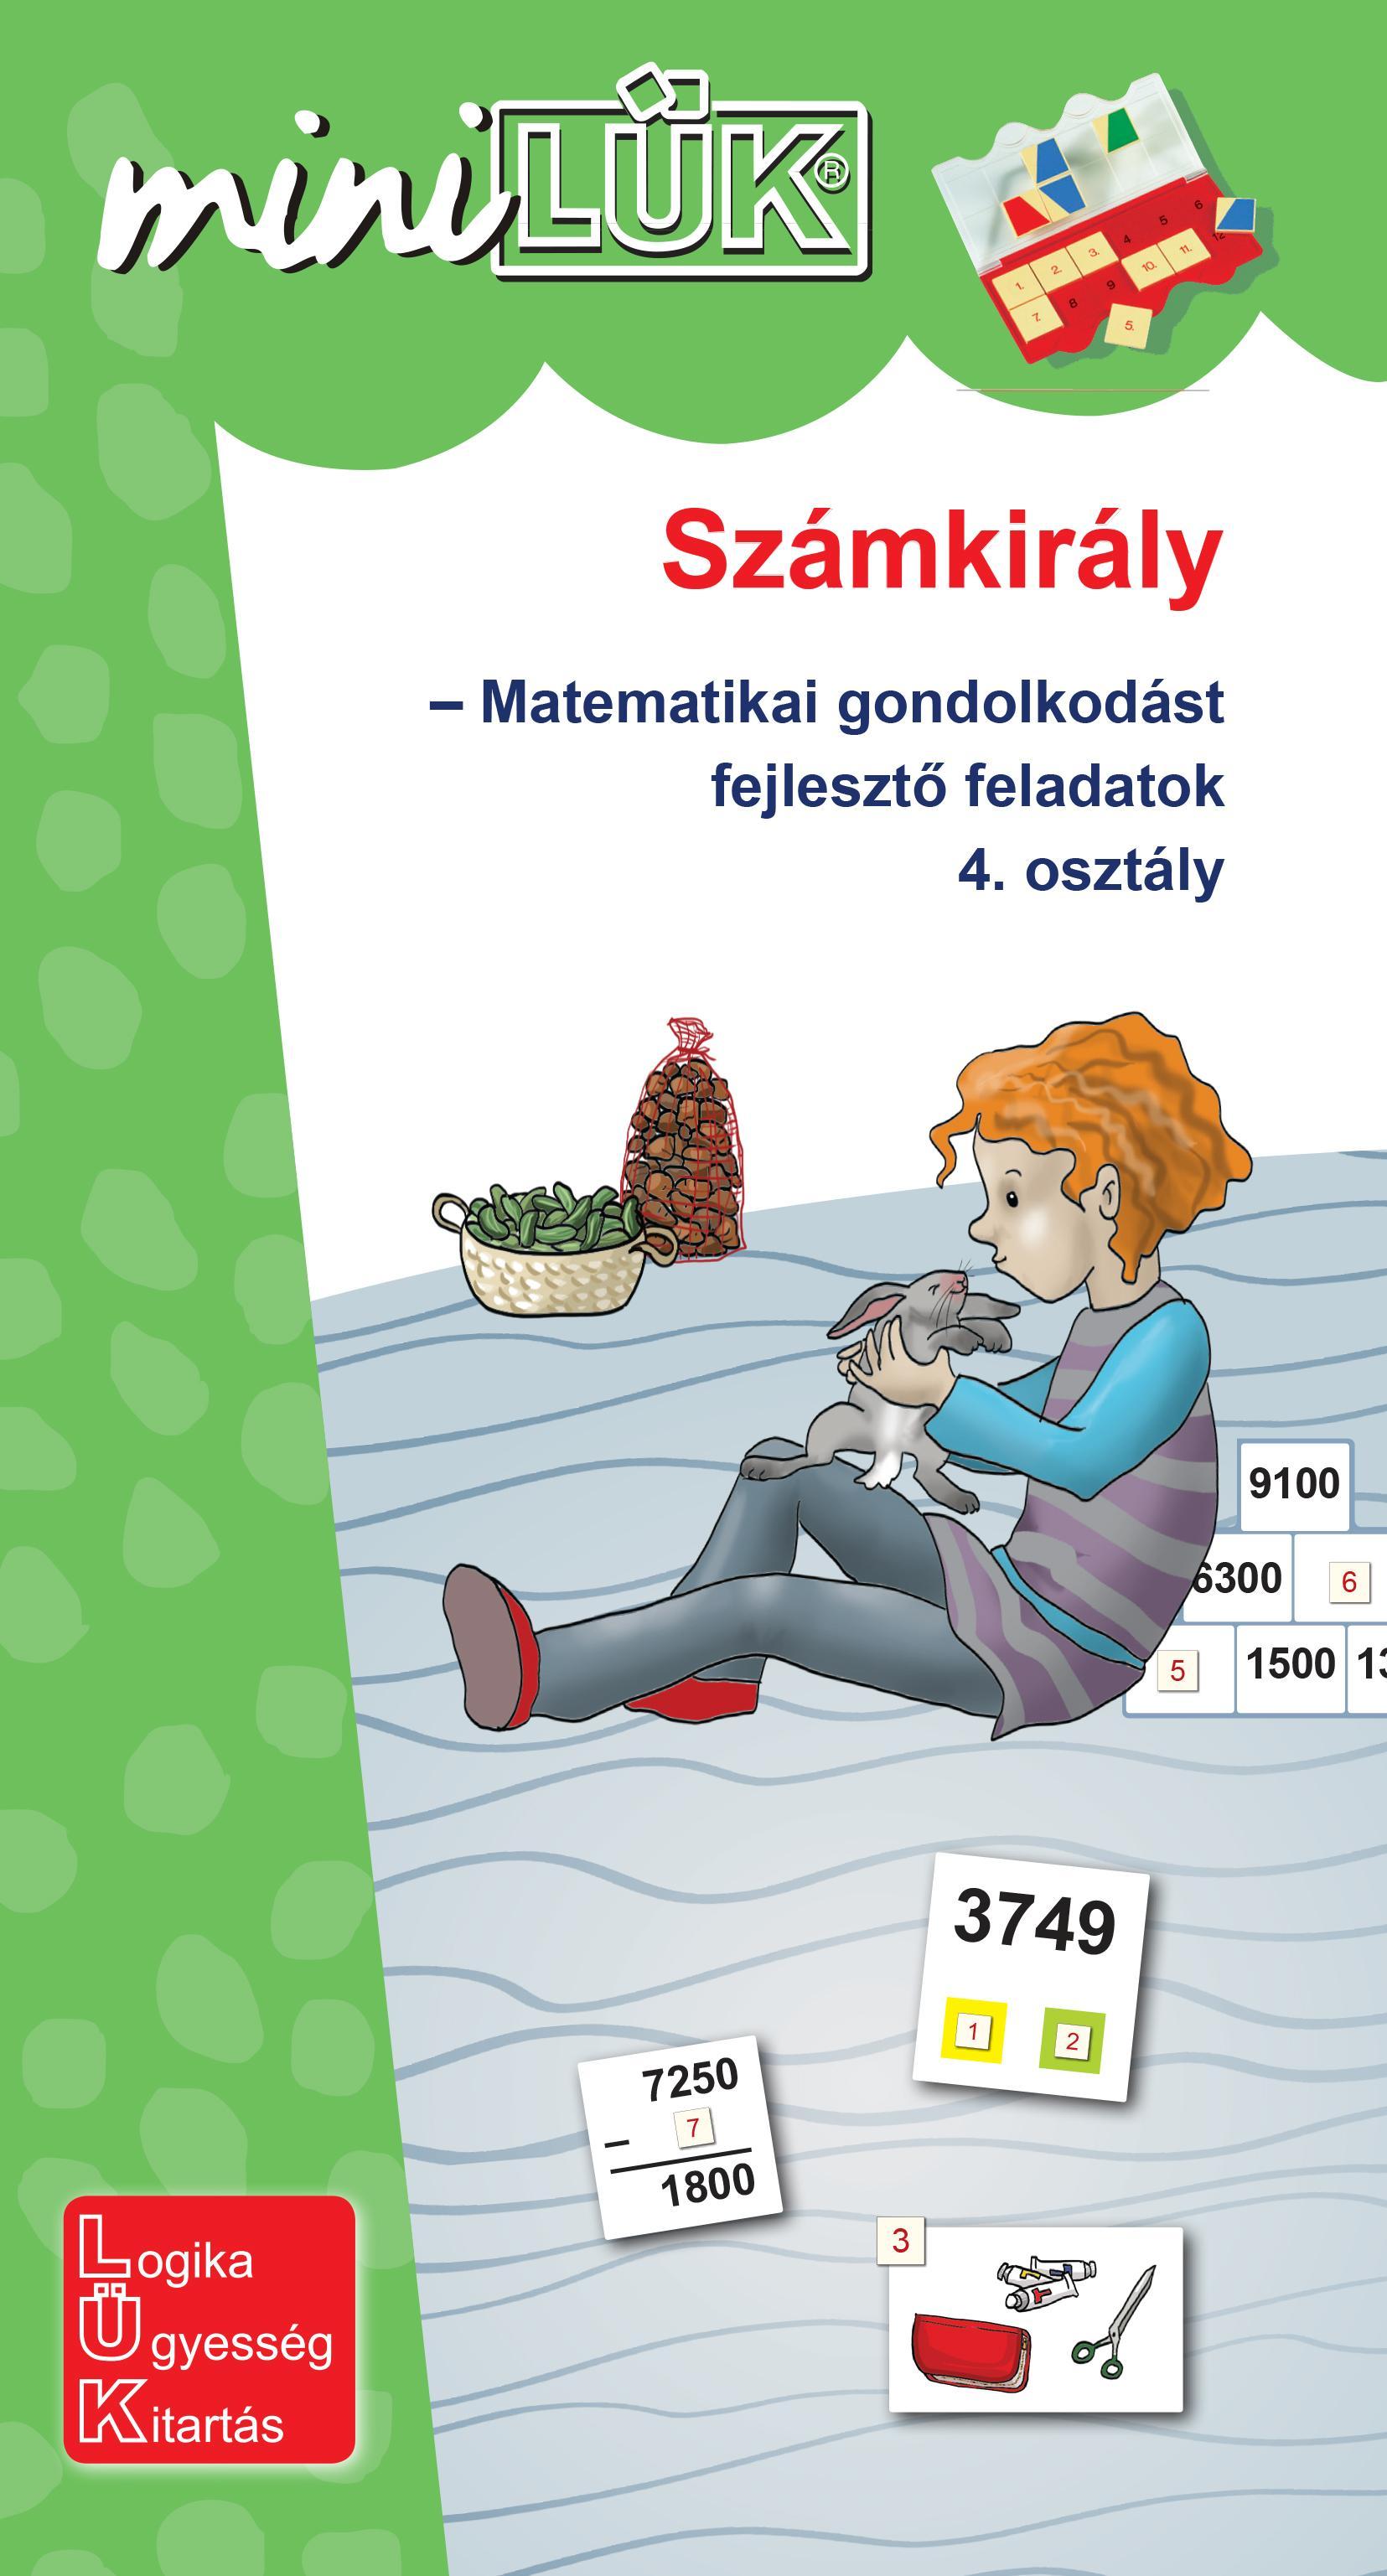 LDI536 - SZÁMKIRÁLY - MATEMATIKAI GONDOLKODÁST FEJLESZTŐ FELADATOK 4. OSZTÁLY - MINILÜK